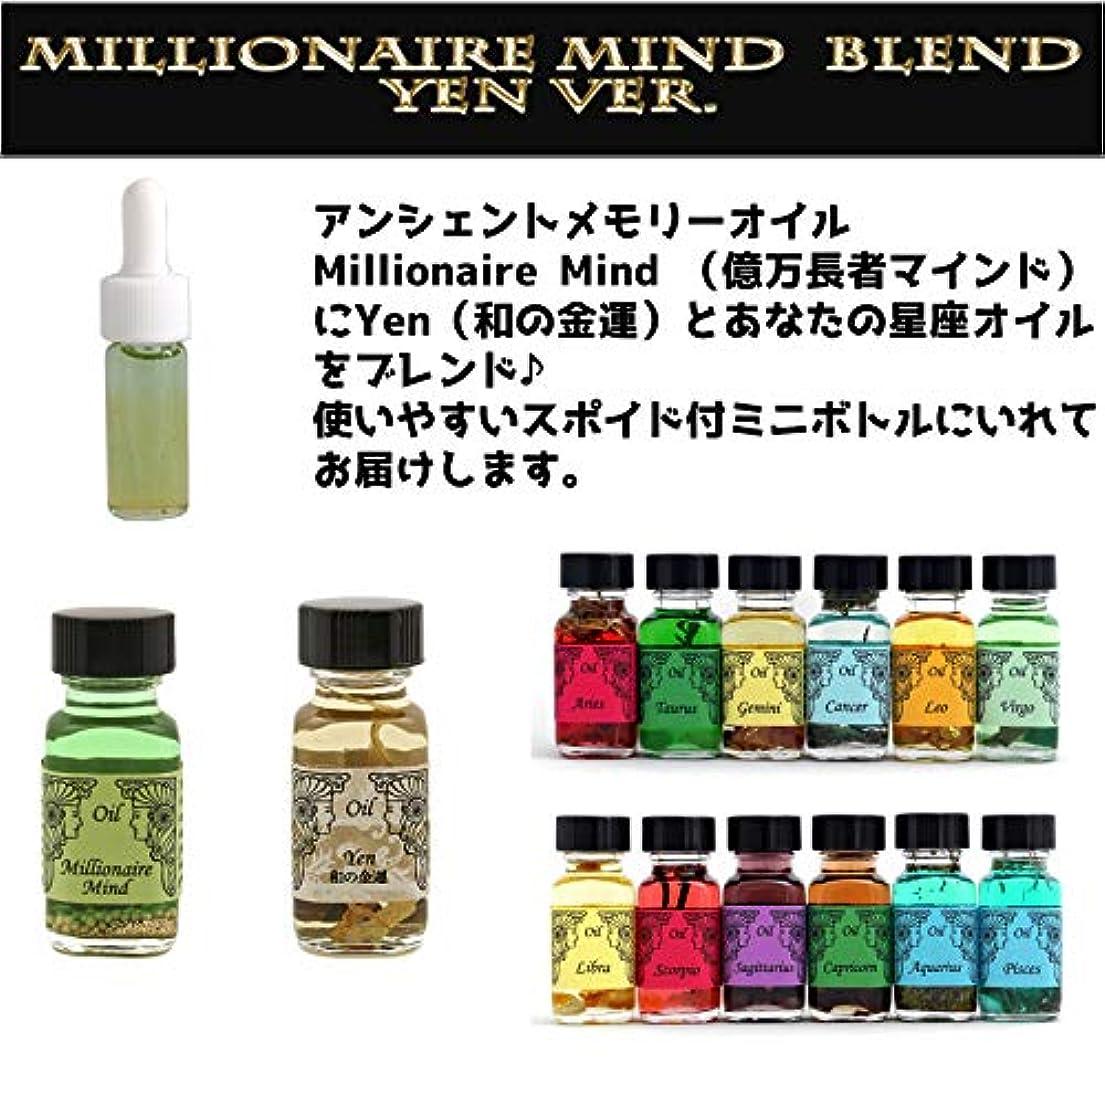 影ライセンス広告主アンシェントメモリーオイル Millionaire Mind 億万長者マインド ブレンド【Yen 和の金運&おひつじ座】